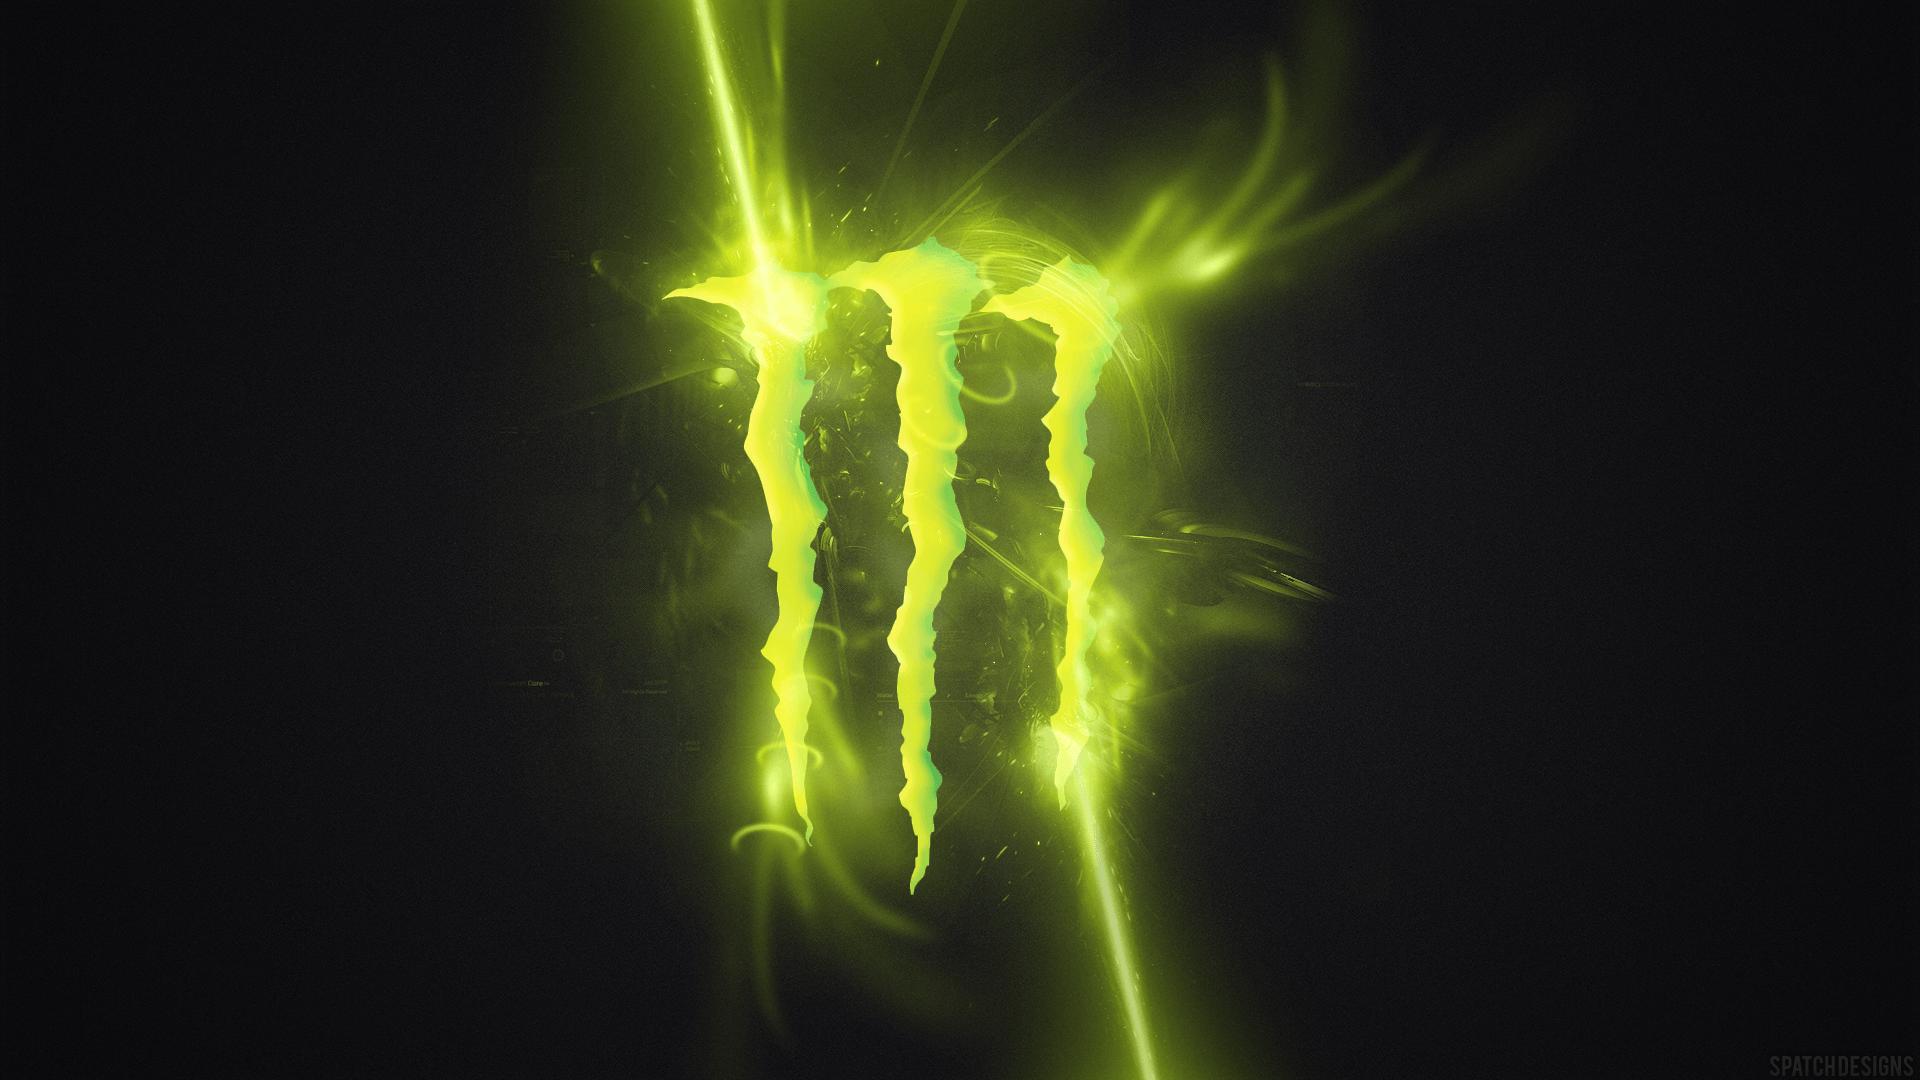 Monster Energy Wallpaper HD | PixelsTalk.Net